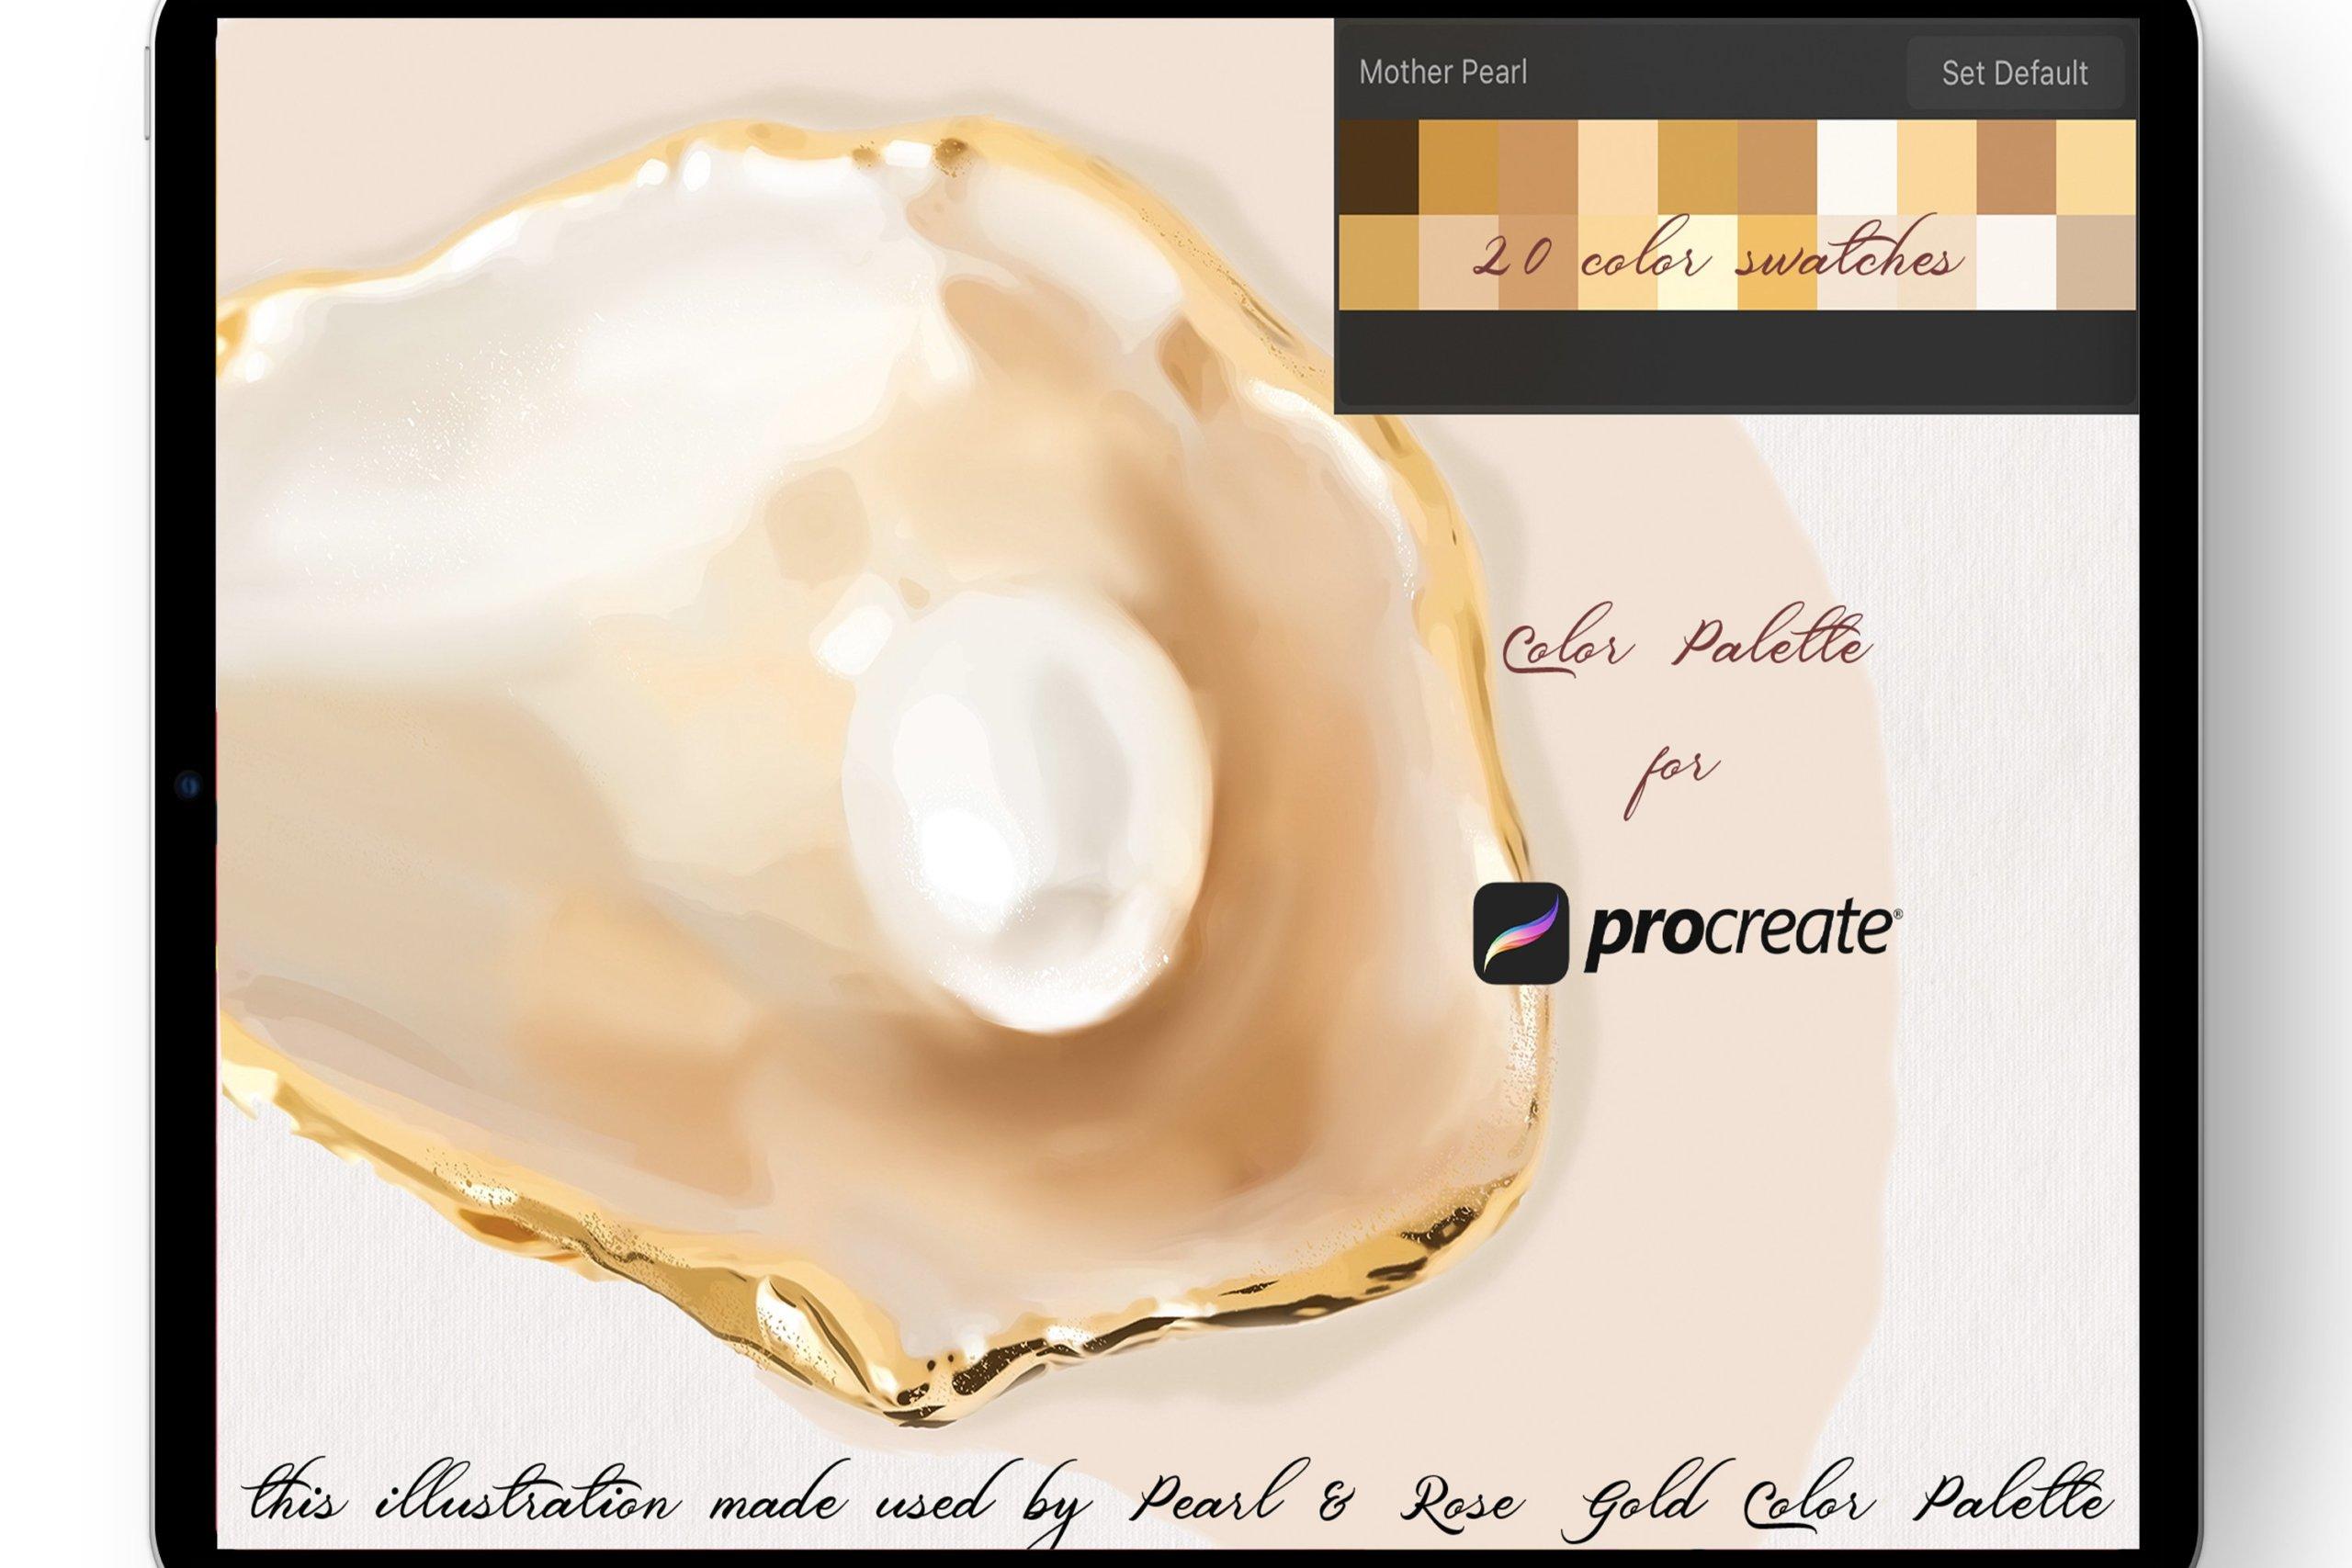 20款优雅Procreate调色板设计素材 Mother Pearl Color Palette Procreate插图1